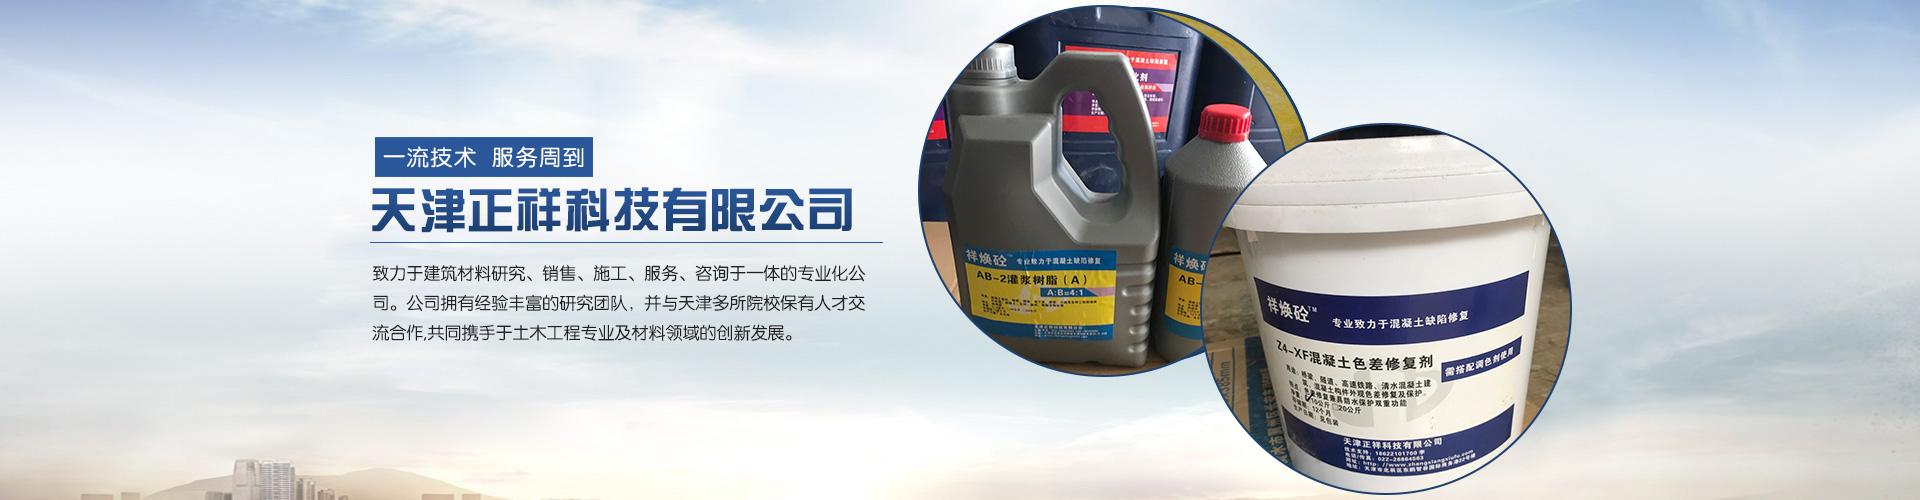 混凝土增強劑廠家修復方法 天津正祥供應